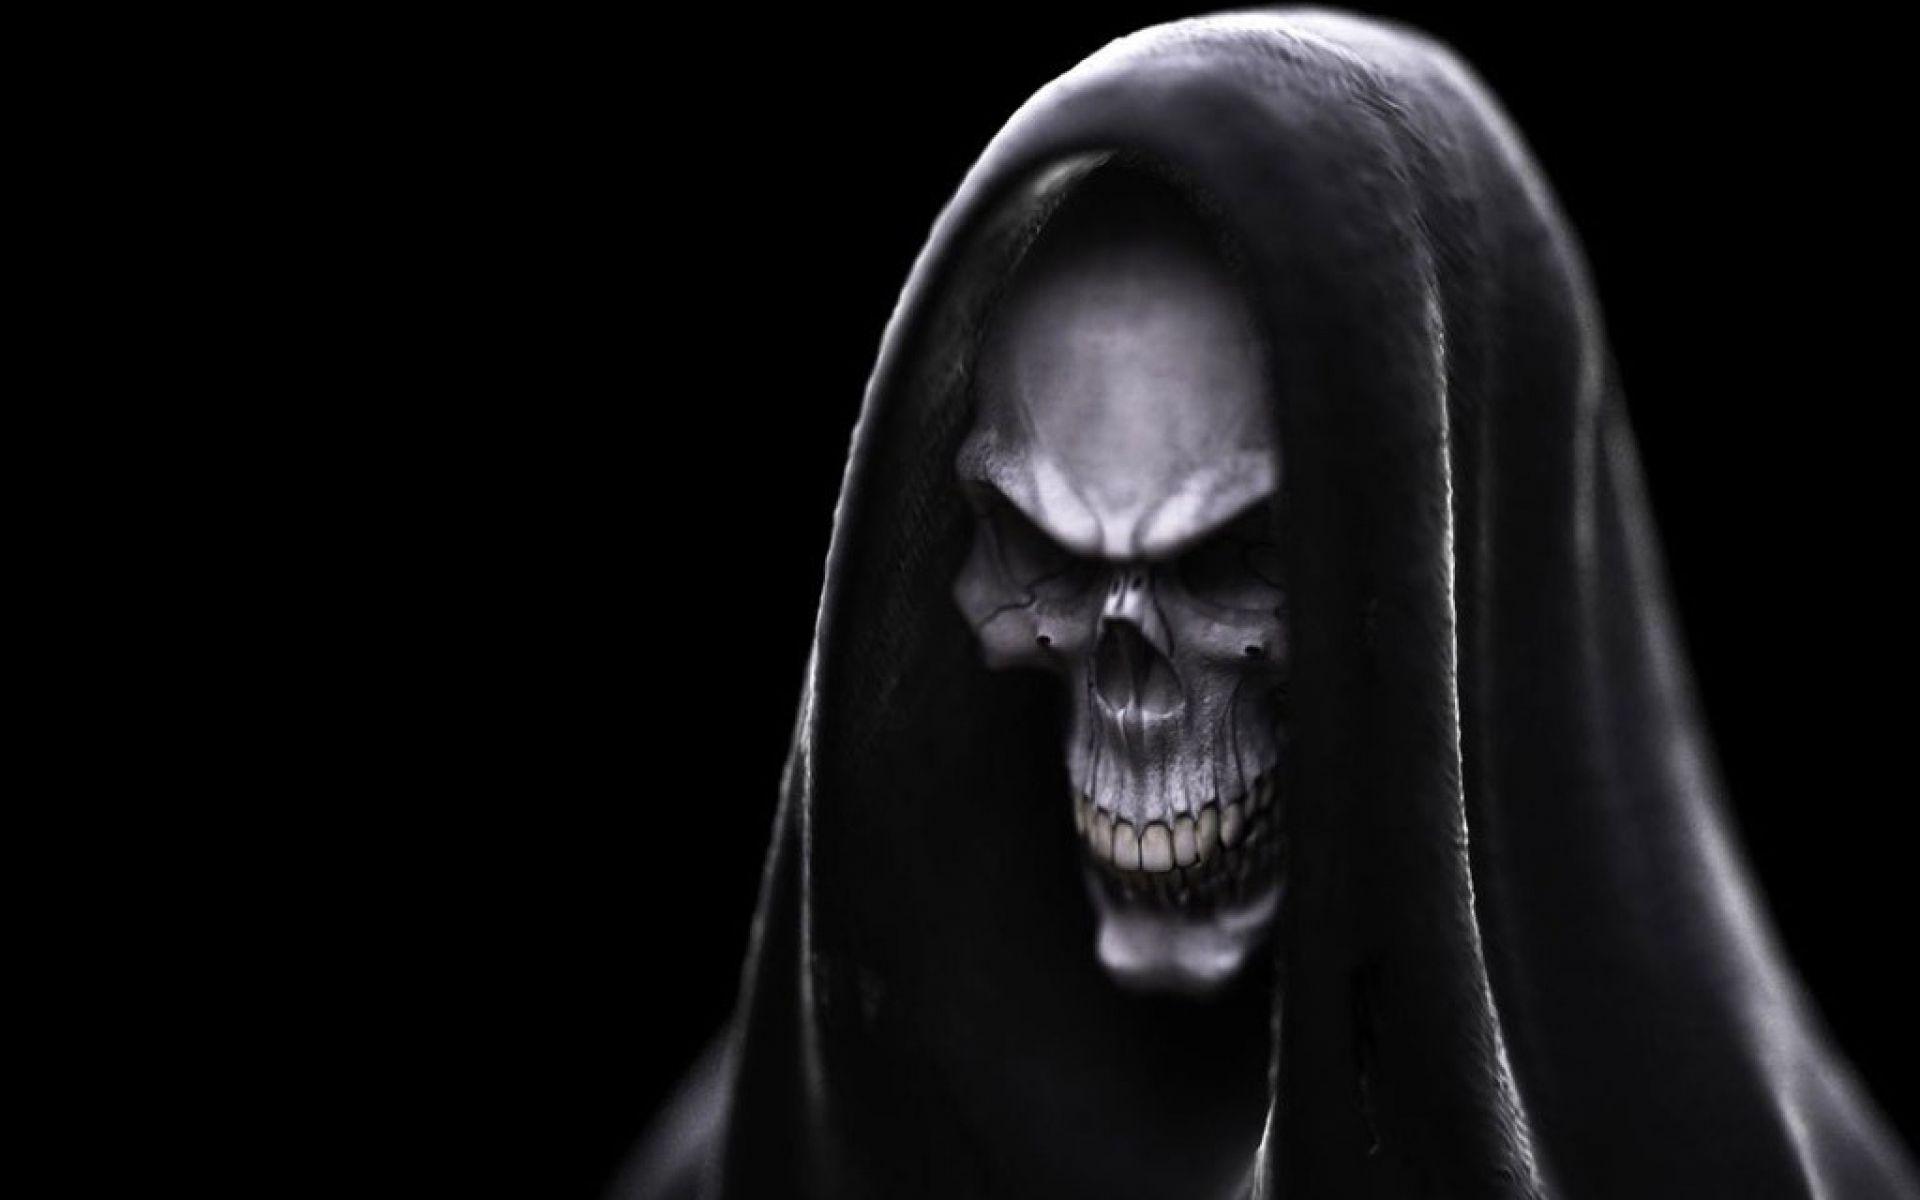 Desktophdwallpaper Org Skull Wallpaper Dark Evil Evil Background